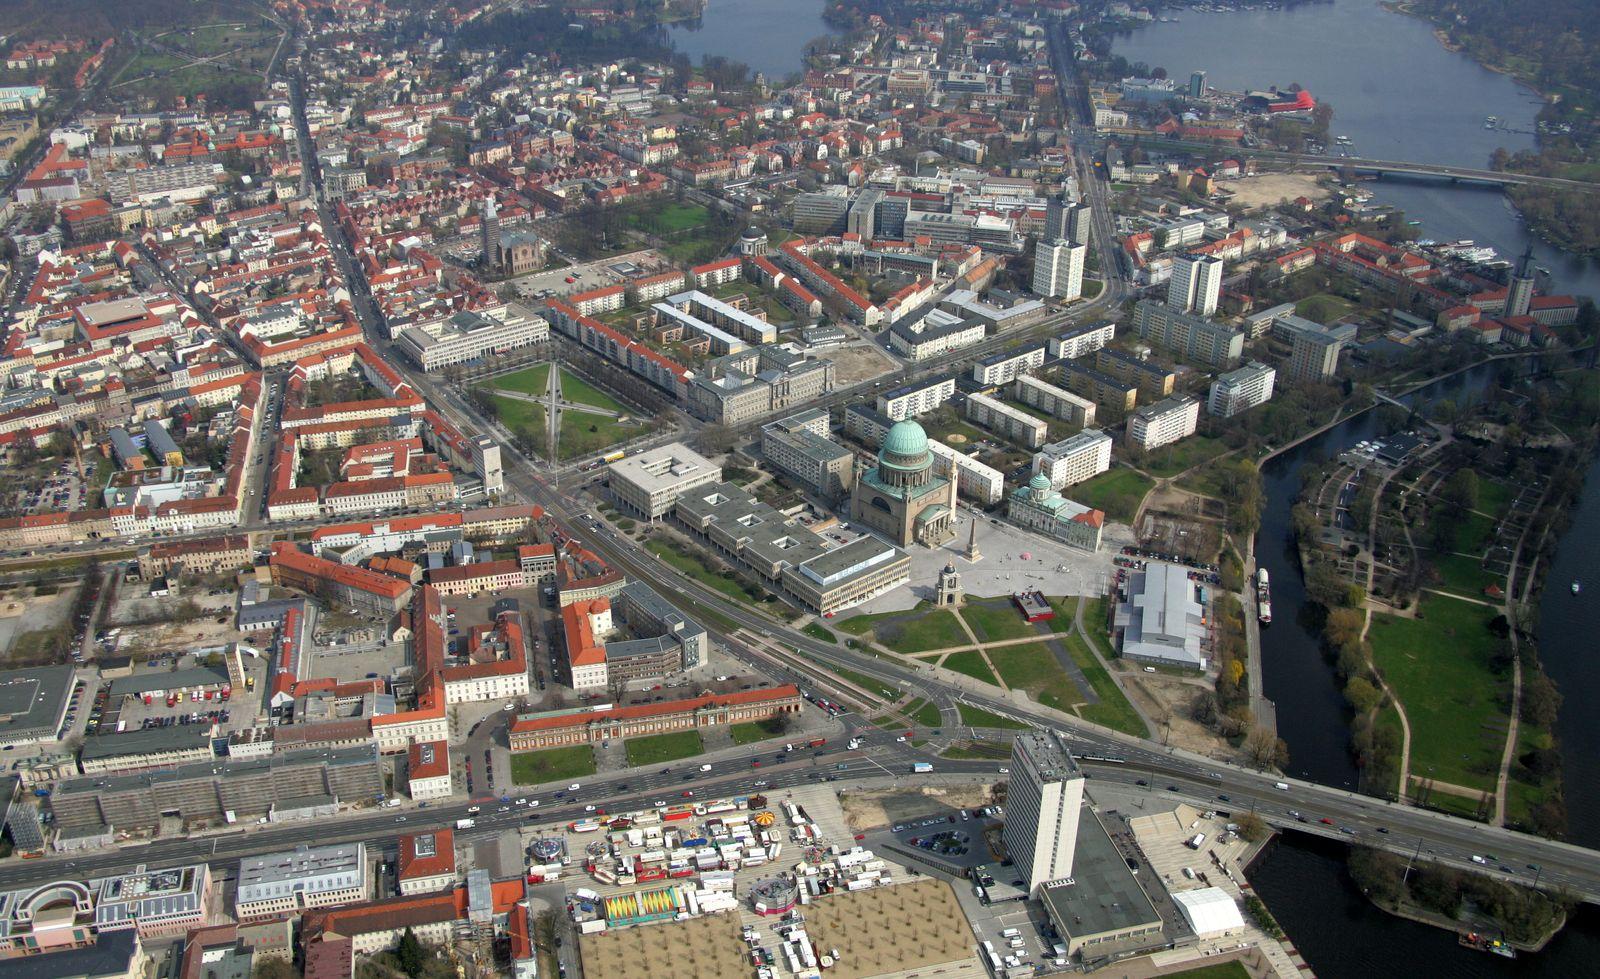 NICHT VERWENDEN Potsdam / Innenstadt